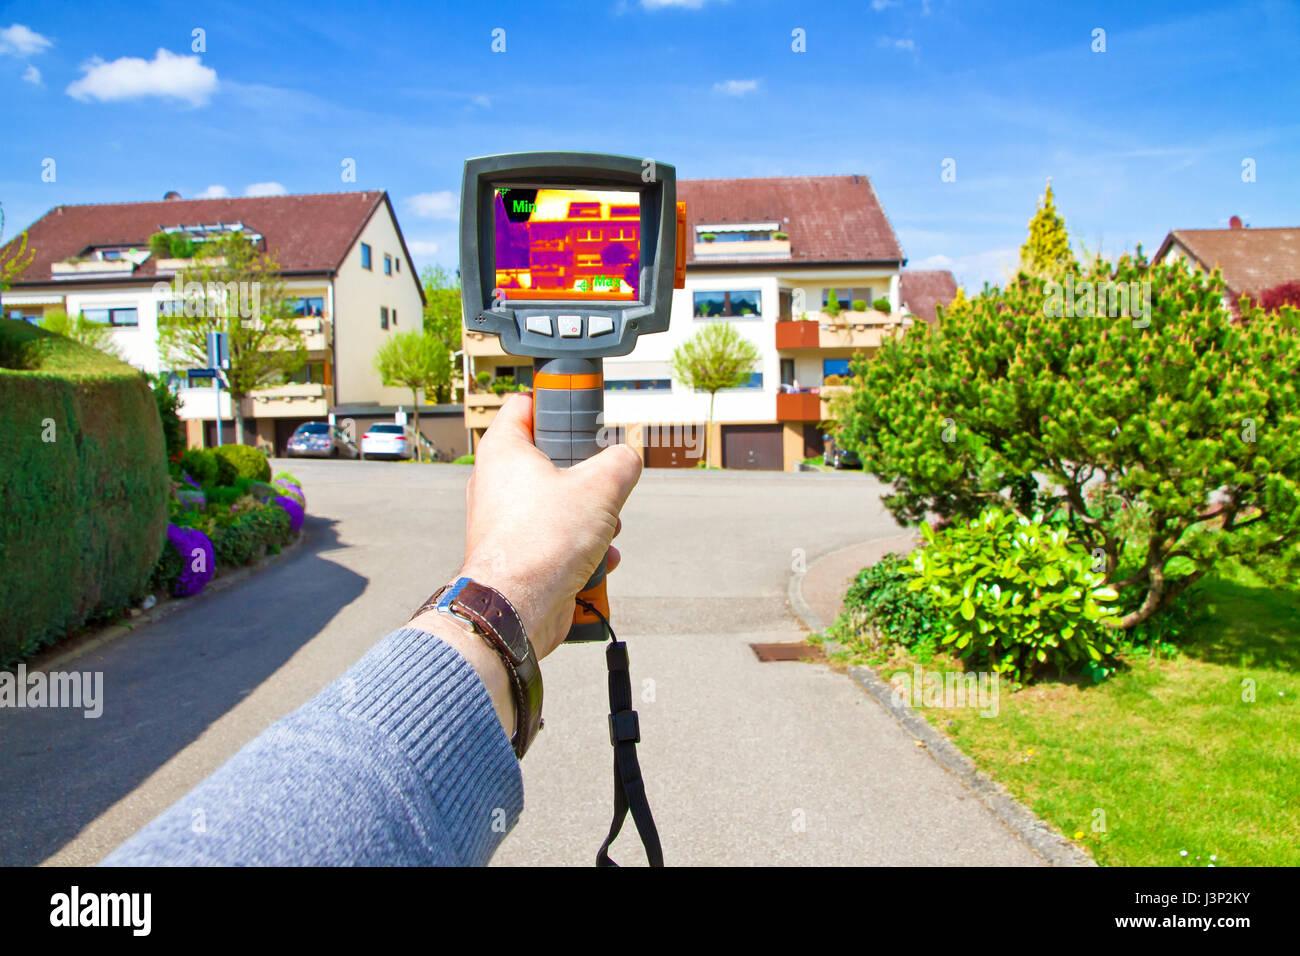 Uomo con telecamera a raggi infrarossi Immagini Stock